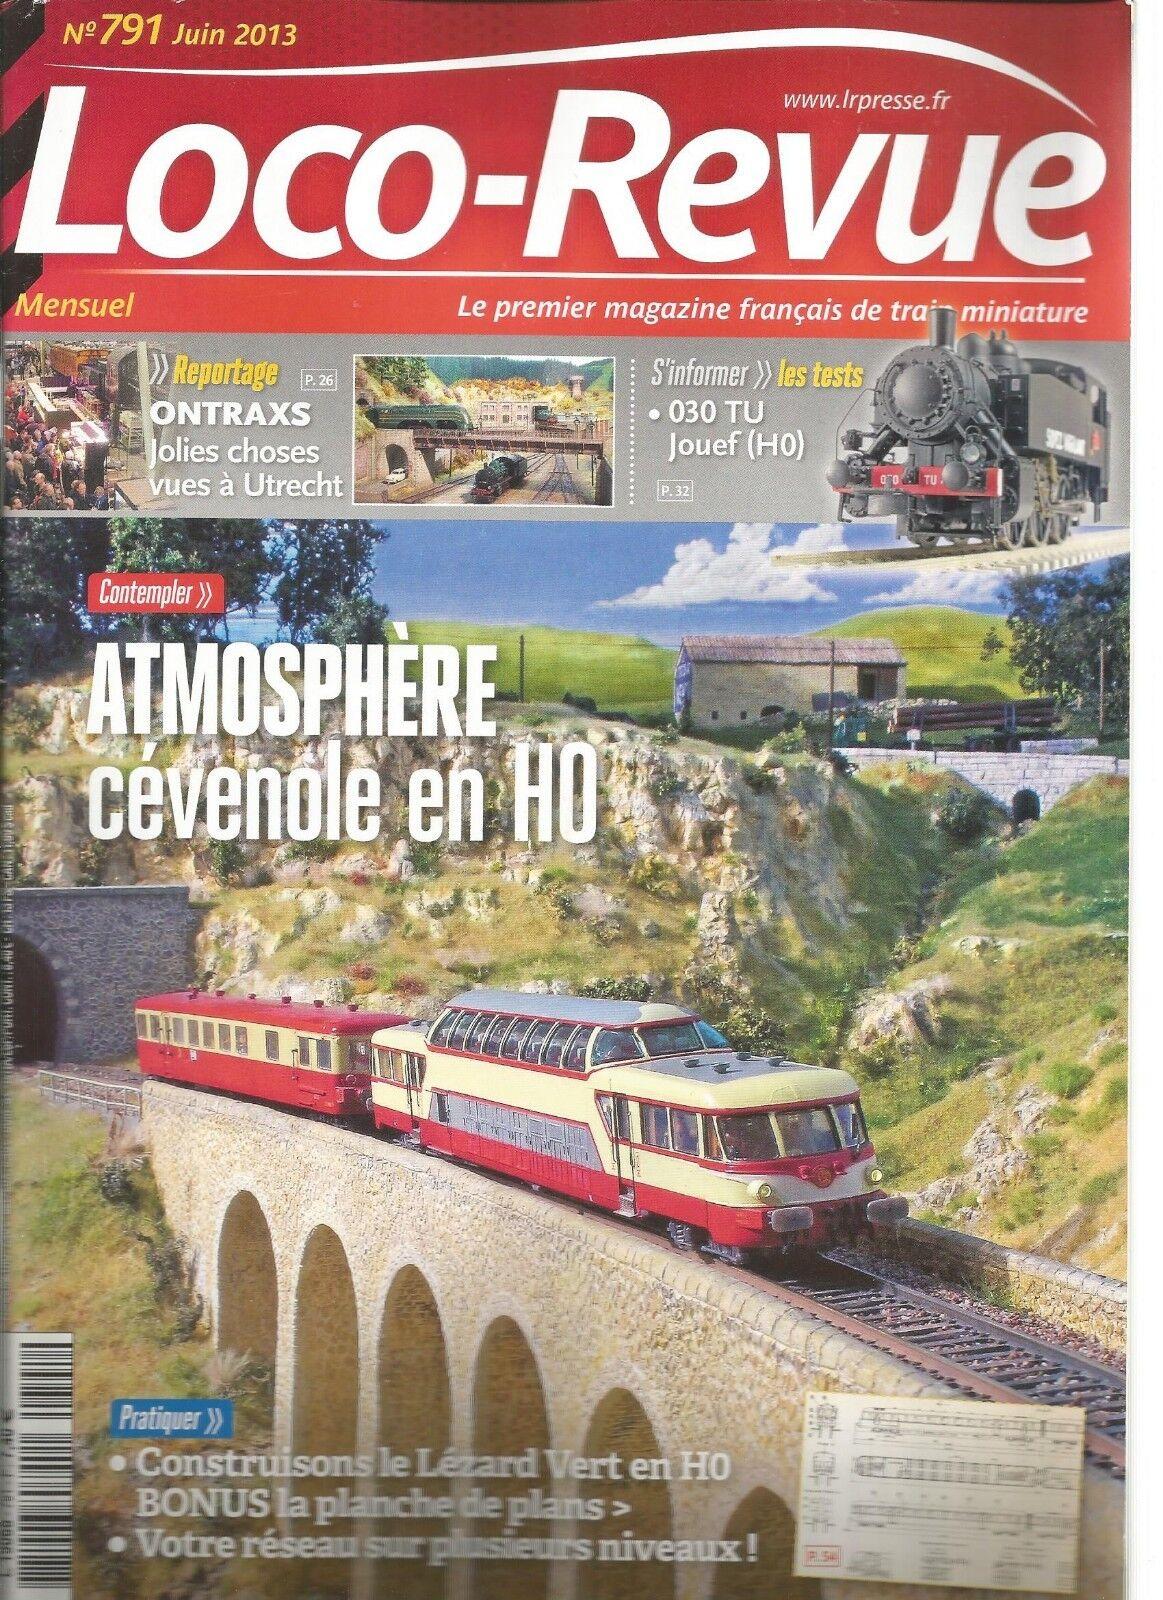 LOCO REVUE N°791 CONS. LEZARD green EN HO   RESEAU SUR PLRS NIVEAUX   CEVENOLE